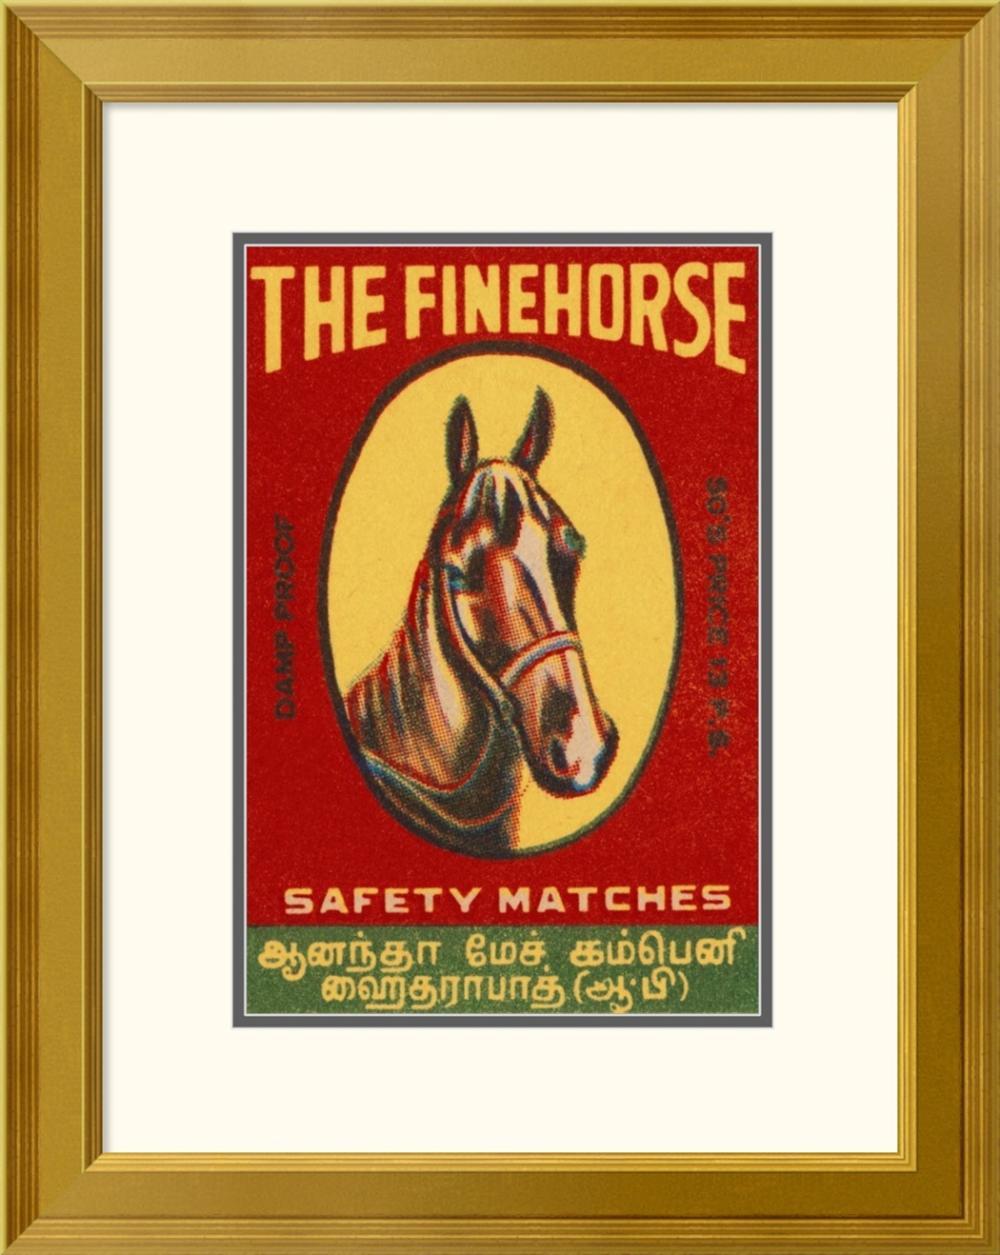 PHILLUMENART - THE FINE HORSE SAFETY MATCHES